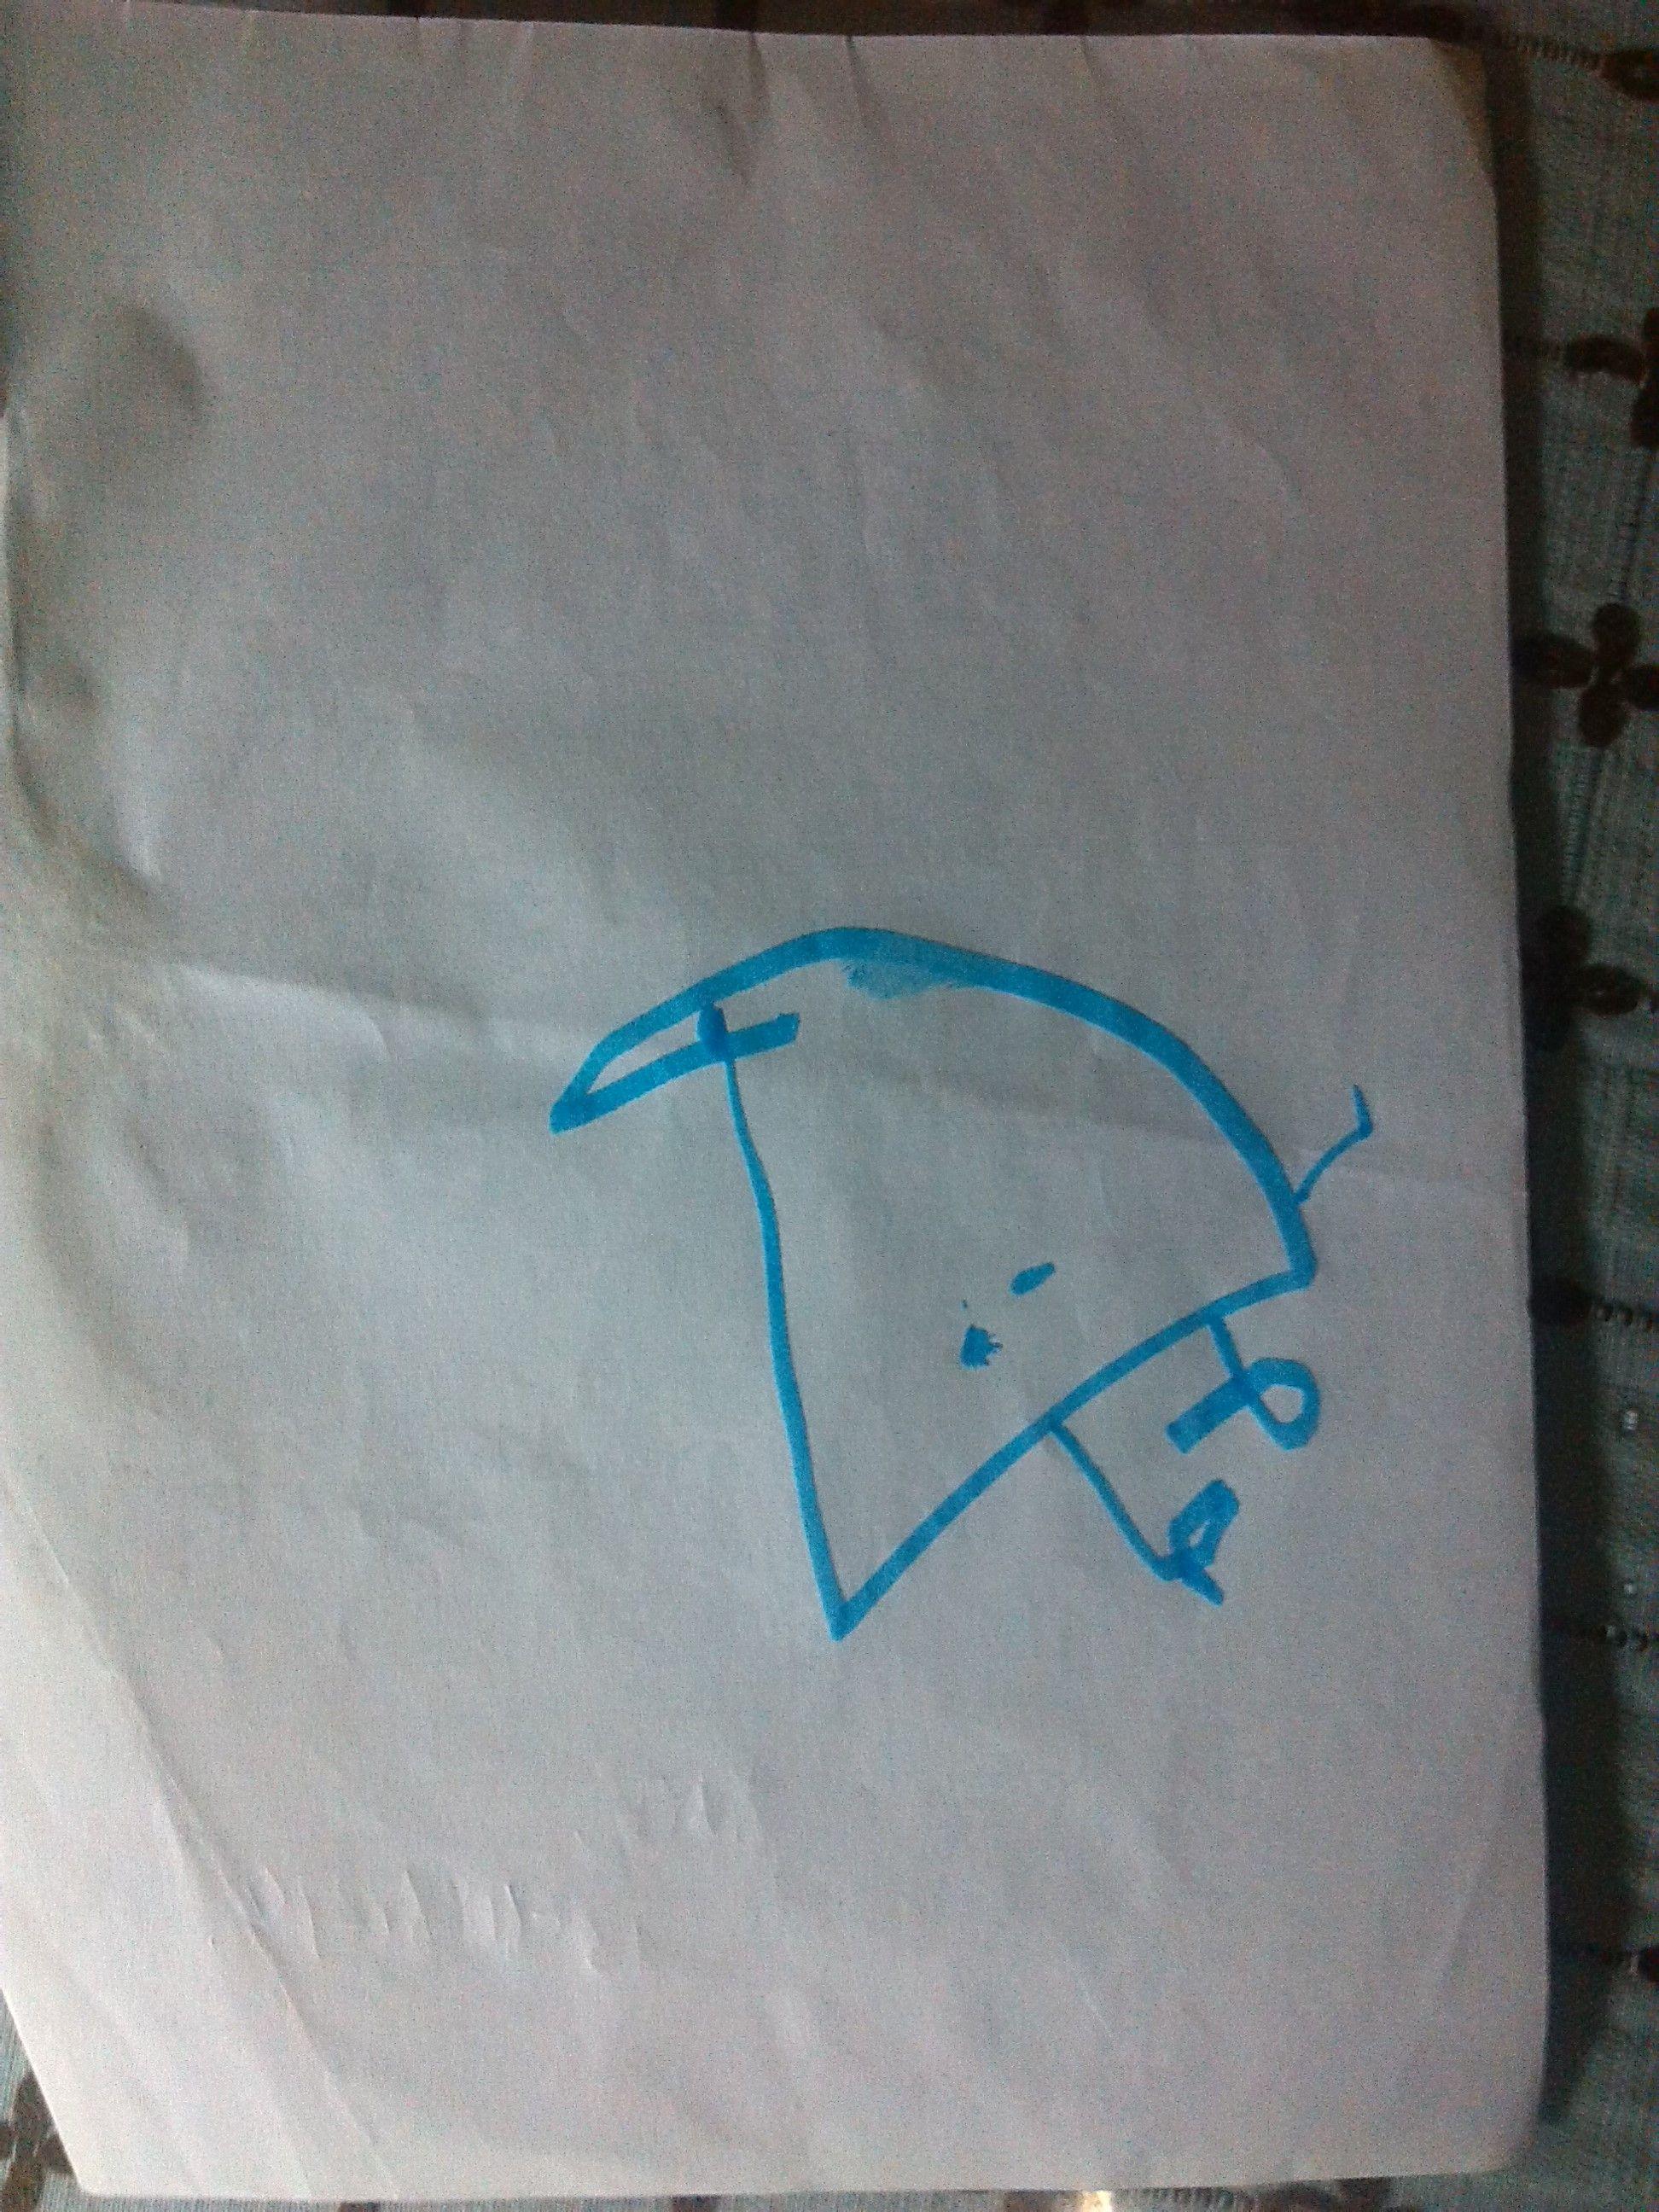 这是孩子生气的时候画的三幅按照时间顺序排列的请心理方高清图片